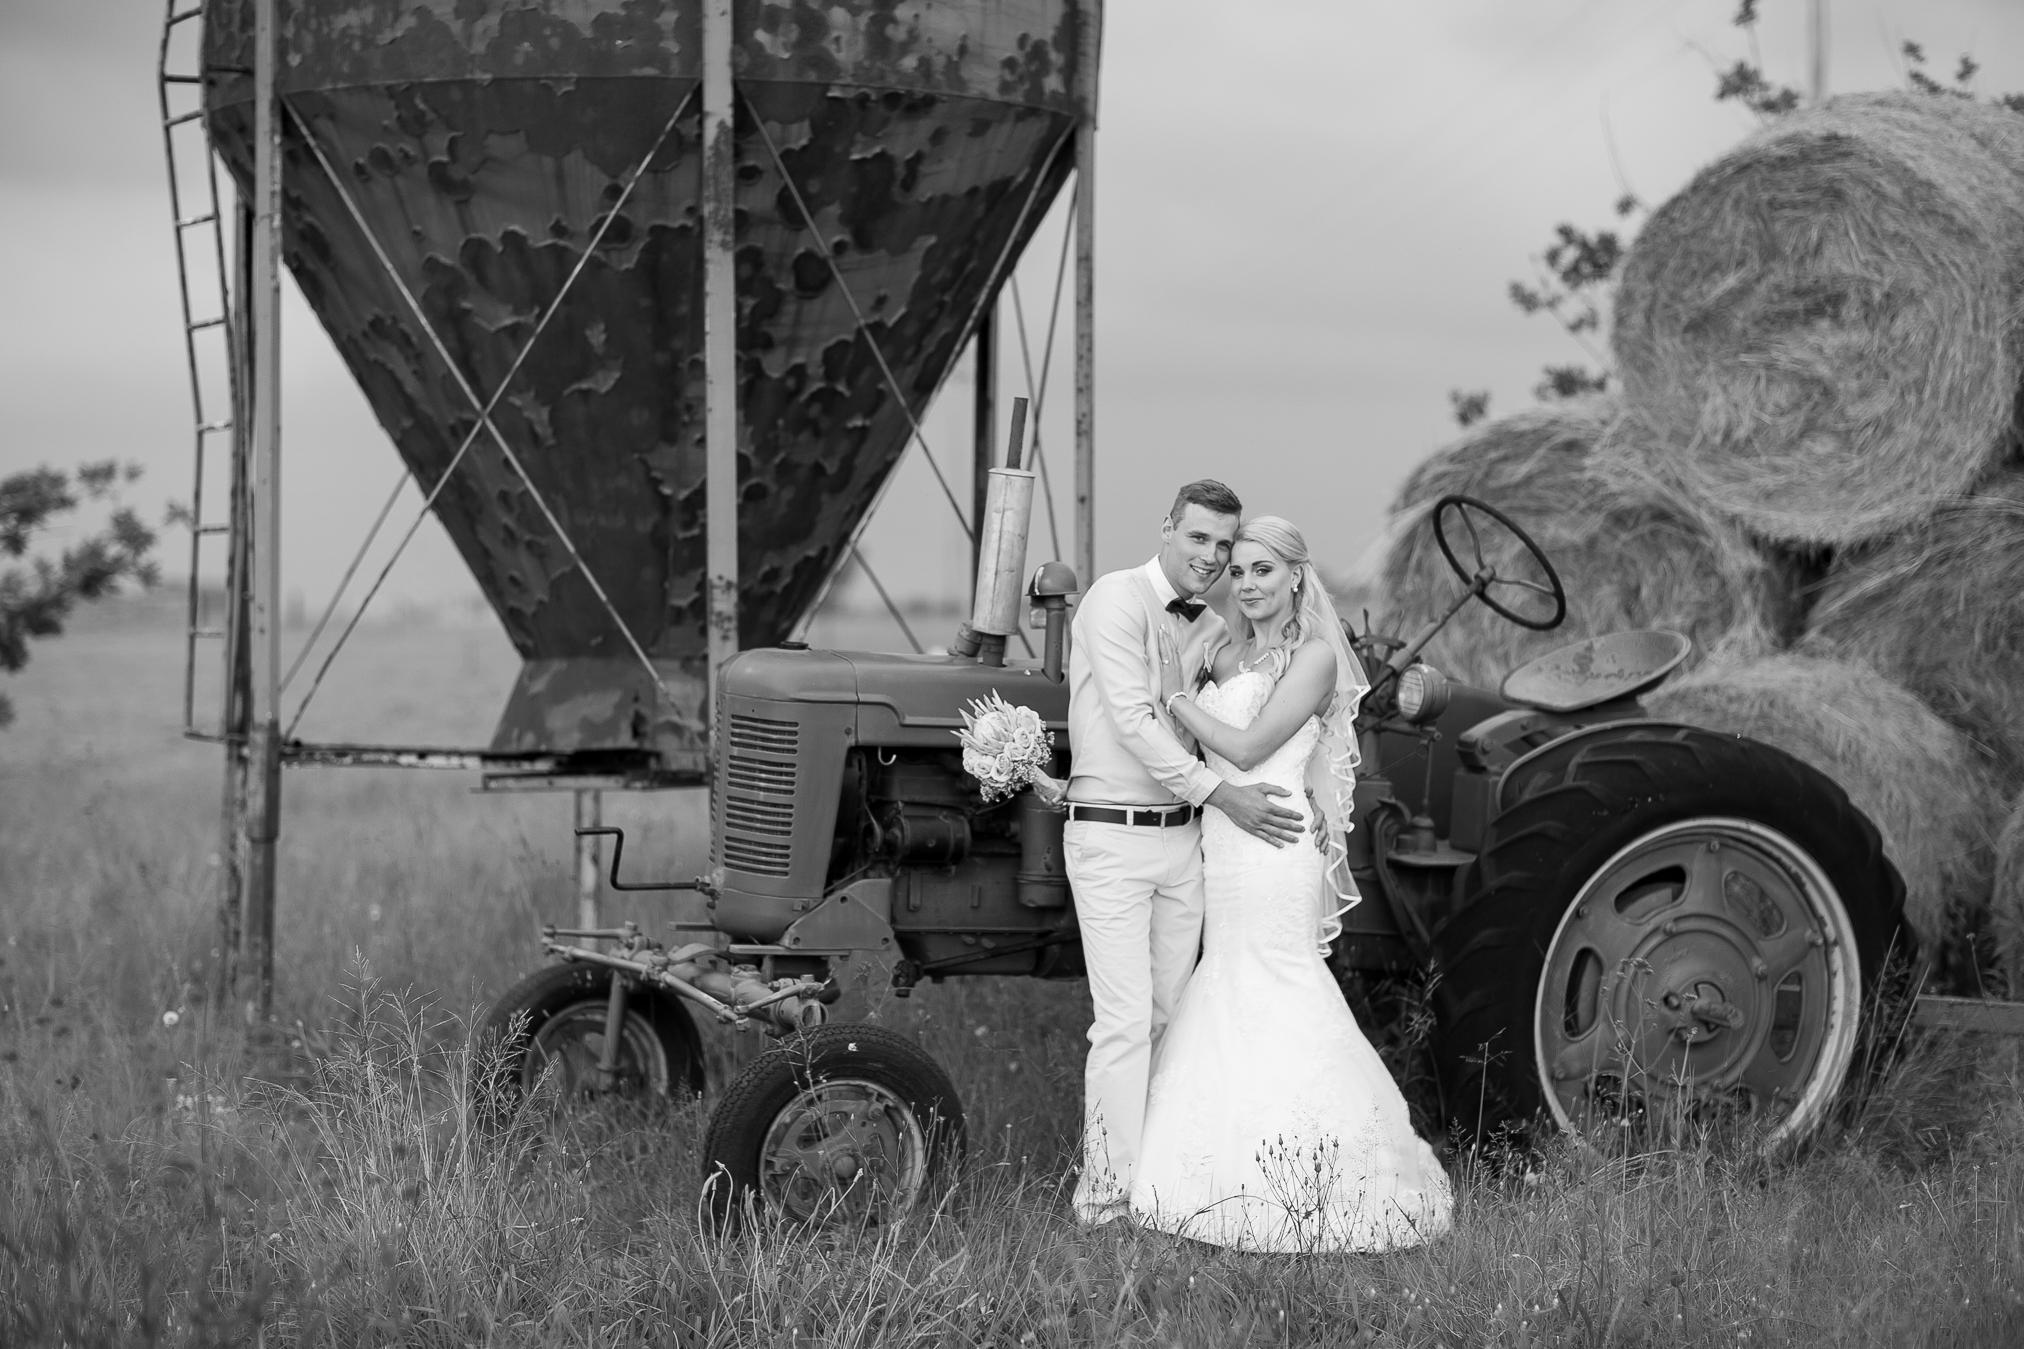 Die_Waenhuiskraal_wedding_Alicia_Dwayne_57